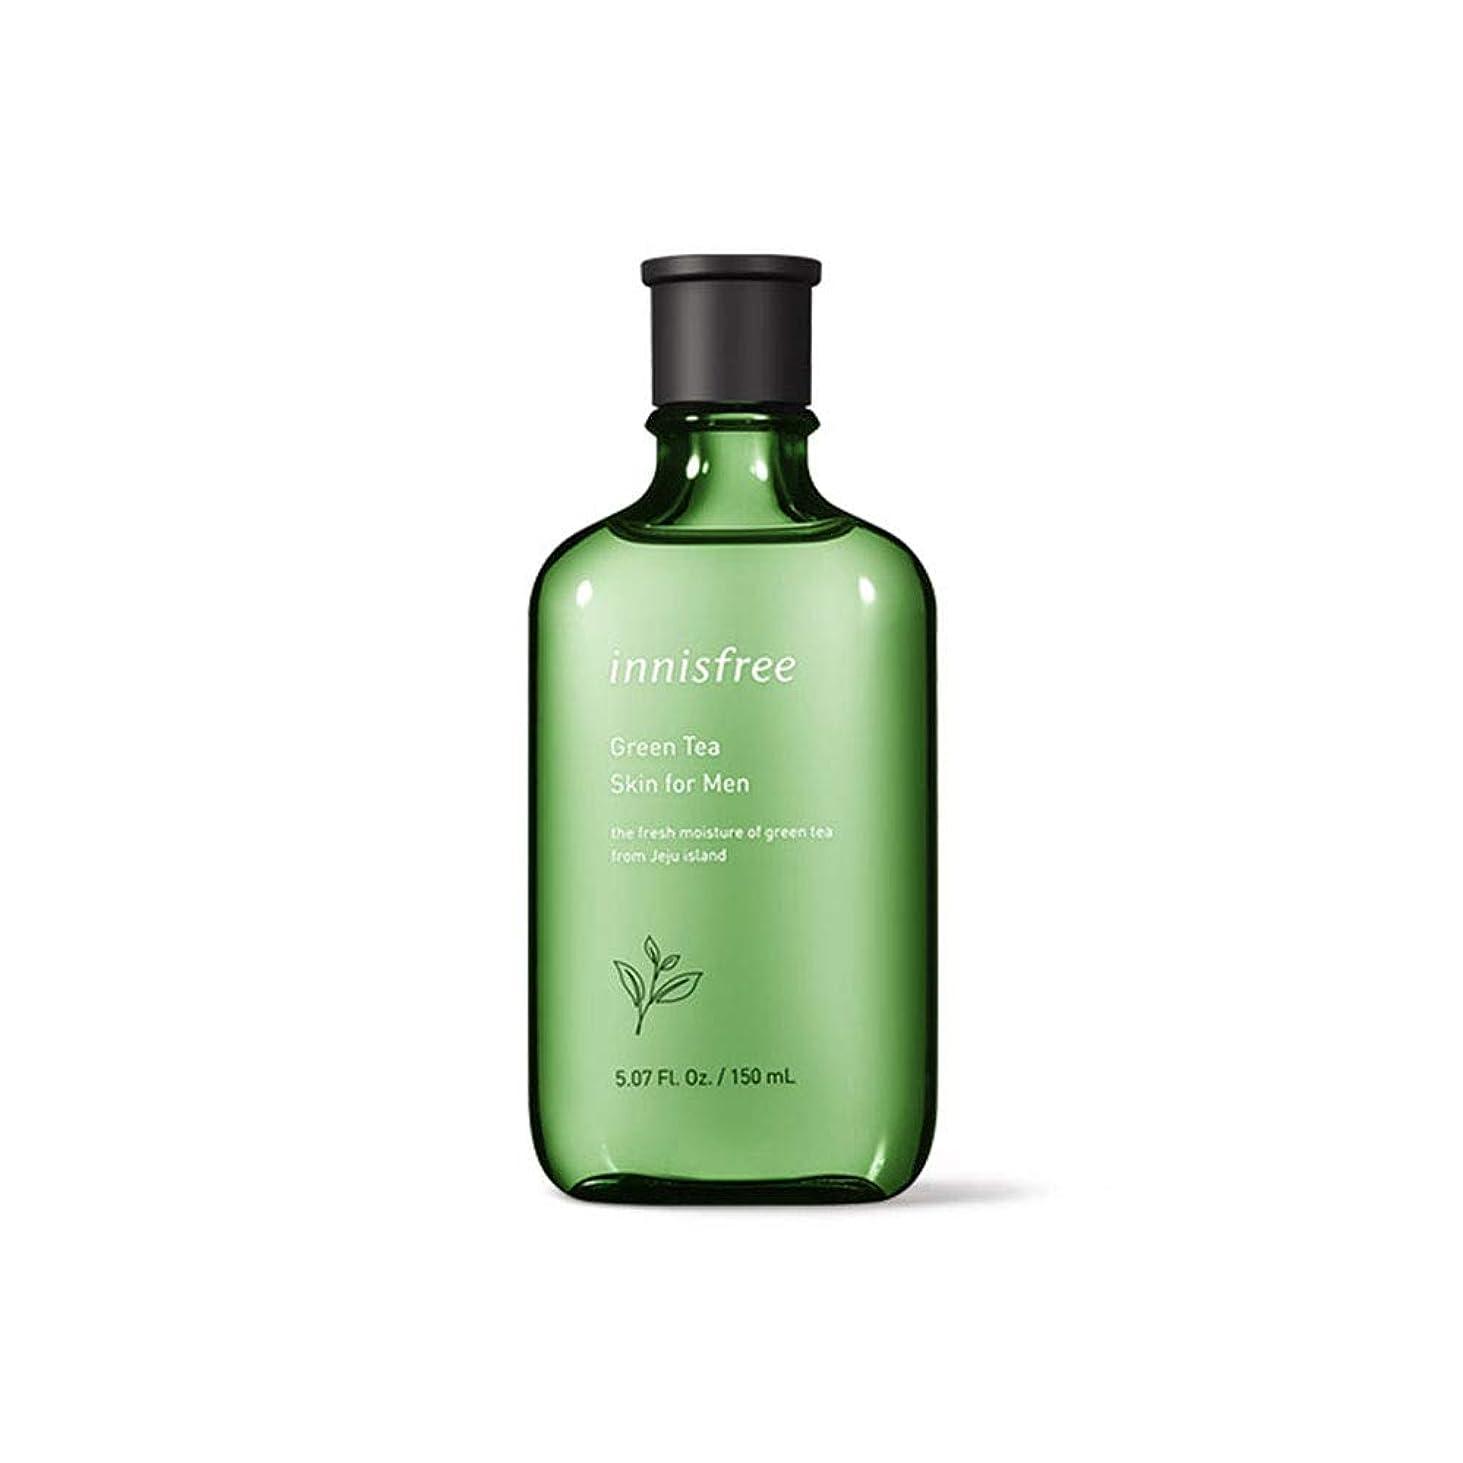 超越するシャツ第四イニスフリー Innisfree グリーンティースキンフォーメン(150ml) Innisfree Green Tea Skin For Men(150ml) [海外直送品]